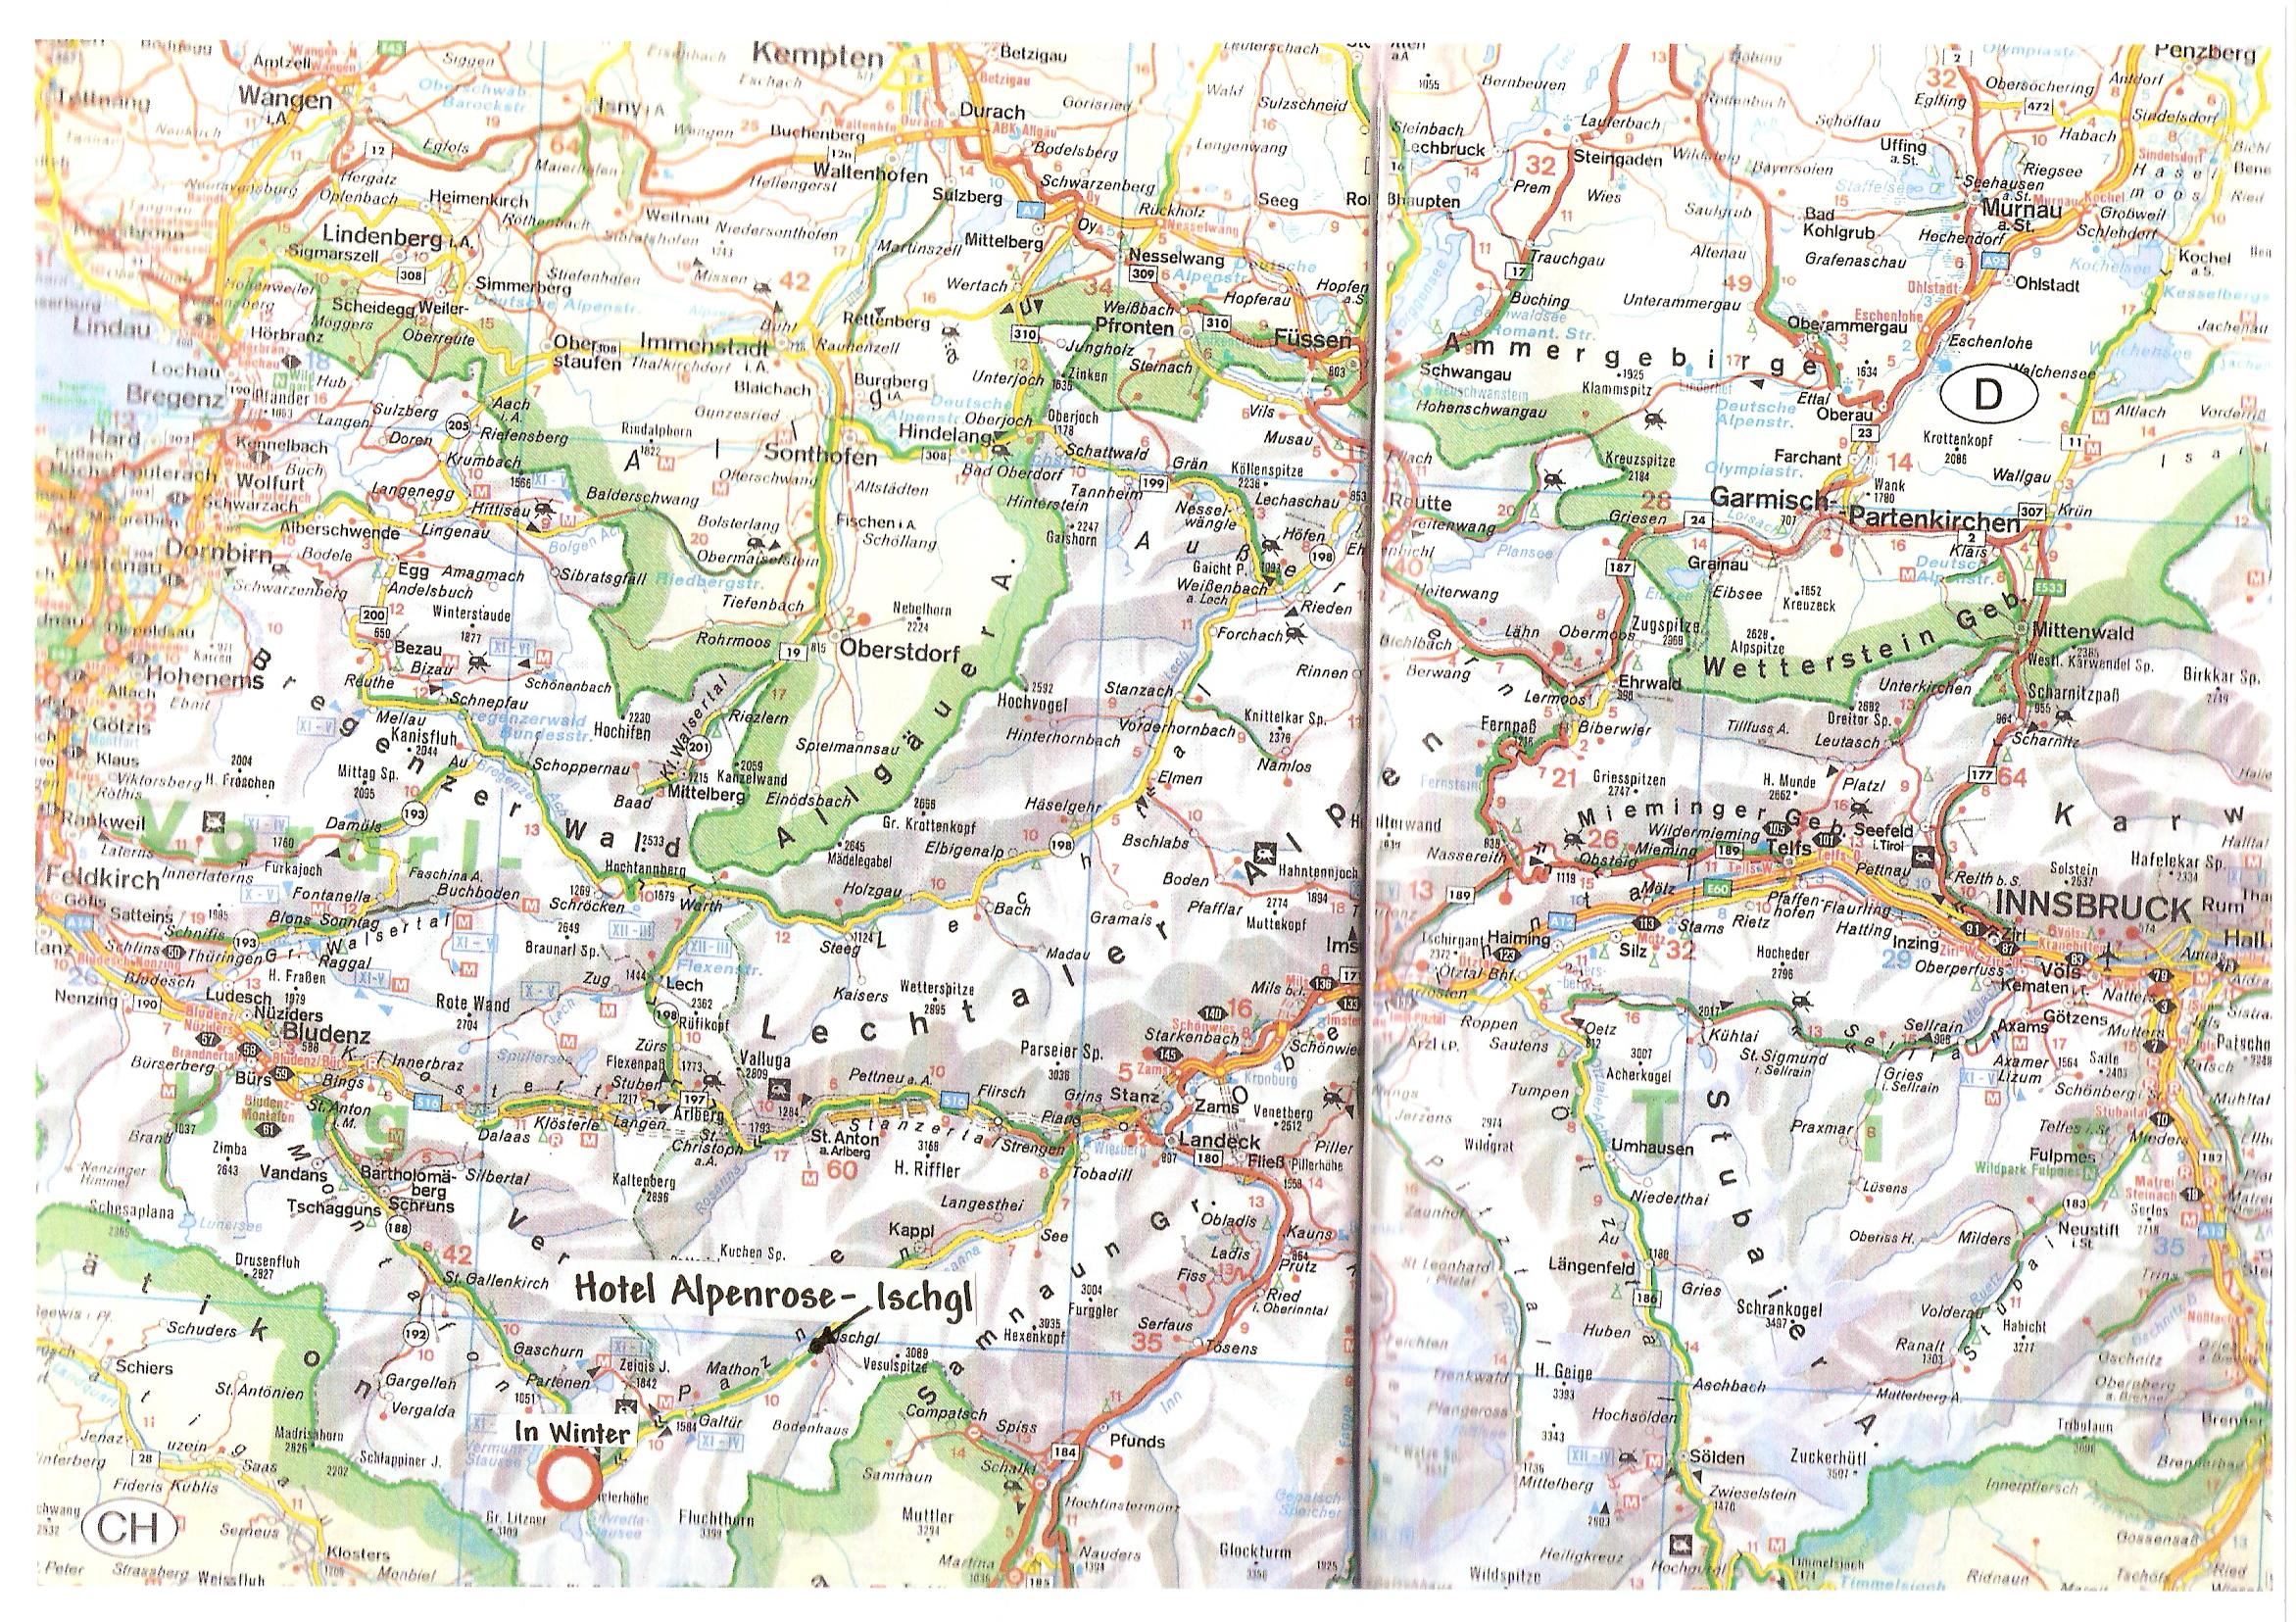 Map how to reach Ischgl: Lindau, Kempten, Landeck, Garmisch ... Garmisch Partenkirchen Map on babenhausen map, cortina d'ampezzo map, magdeburg map, berchtesgaden map, landstuhl map, germany map, weimar map, freiburg map, albertville map, rothenburg ob der tauber map, karlsruhe map, europe map, bonn map, garmisch trail map, saxony map, koblenz map, dortmund map, oberammergau map, oslo map, duisburg map,